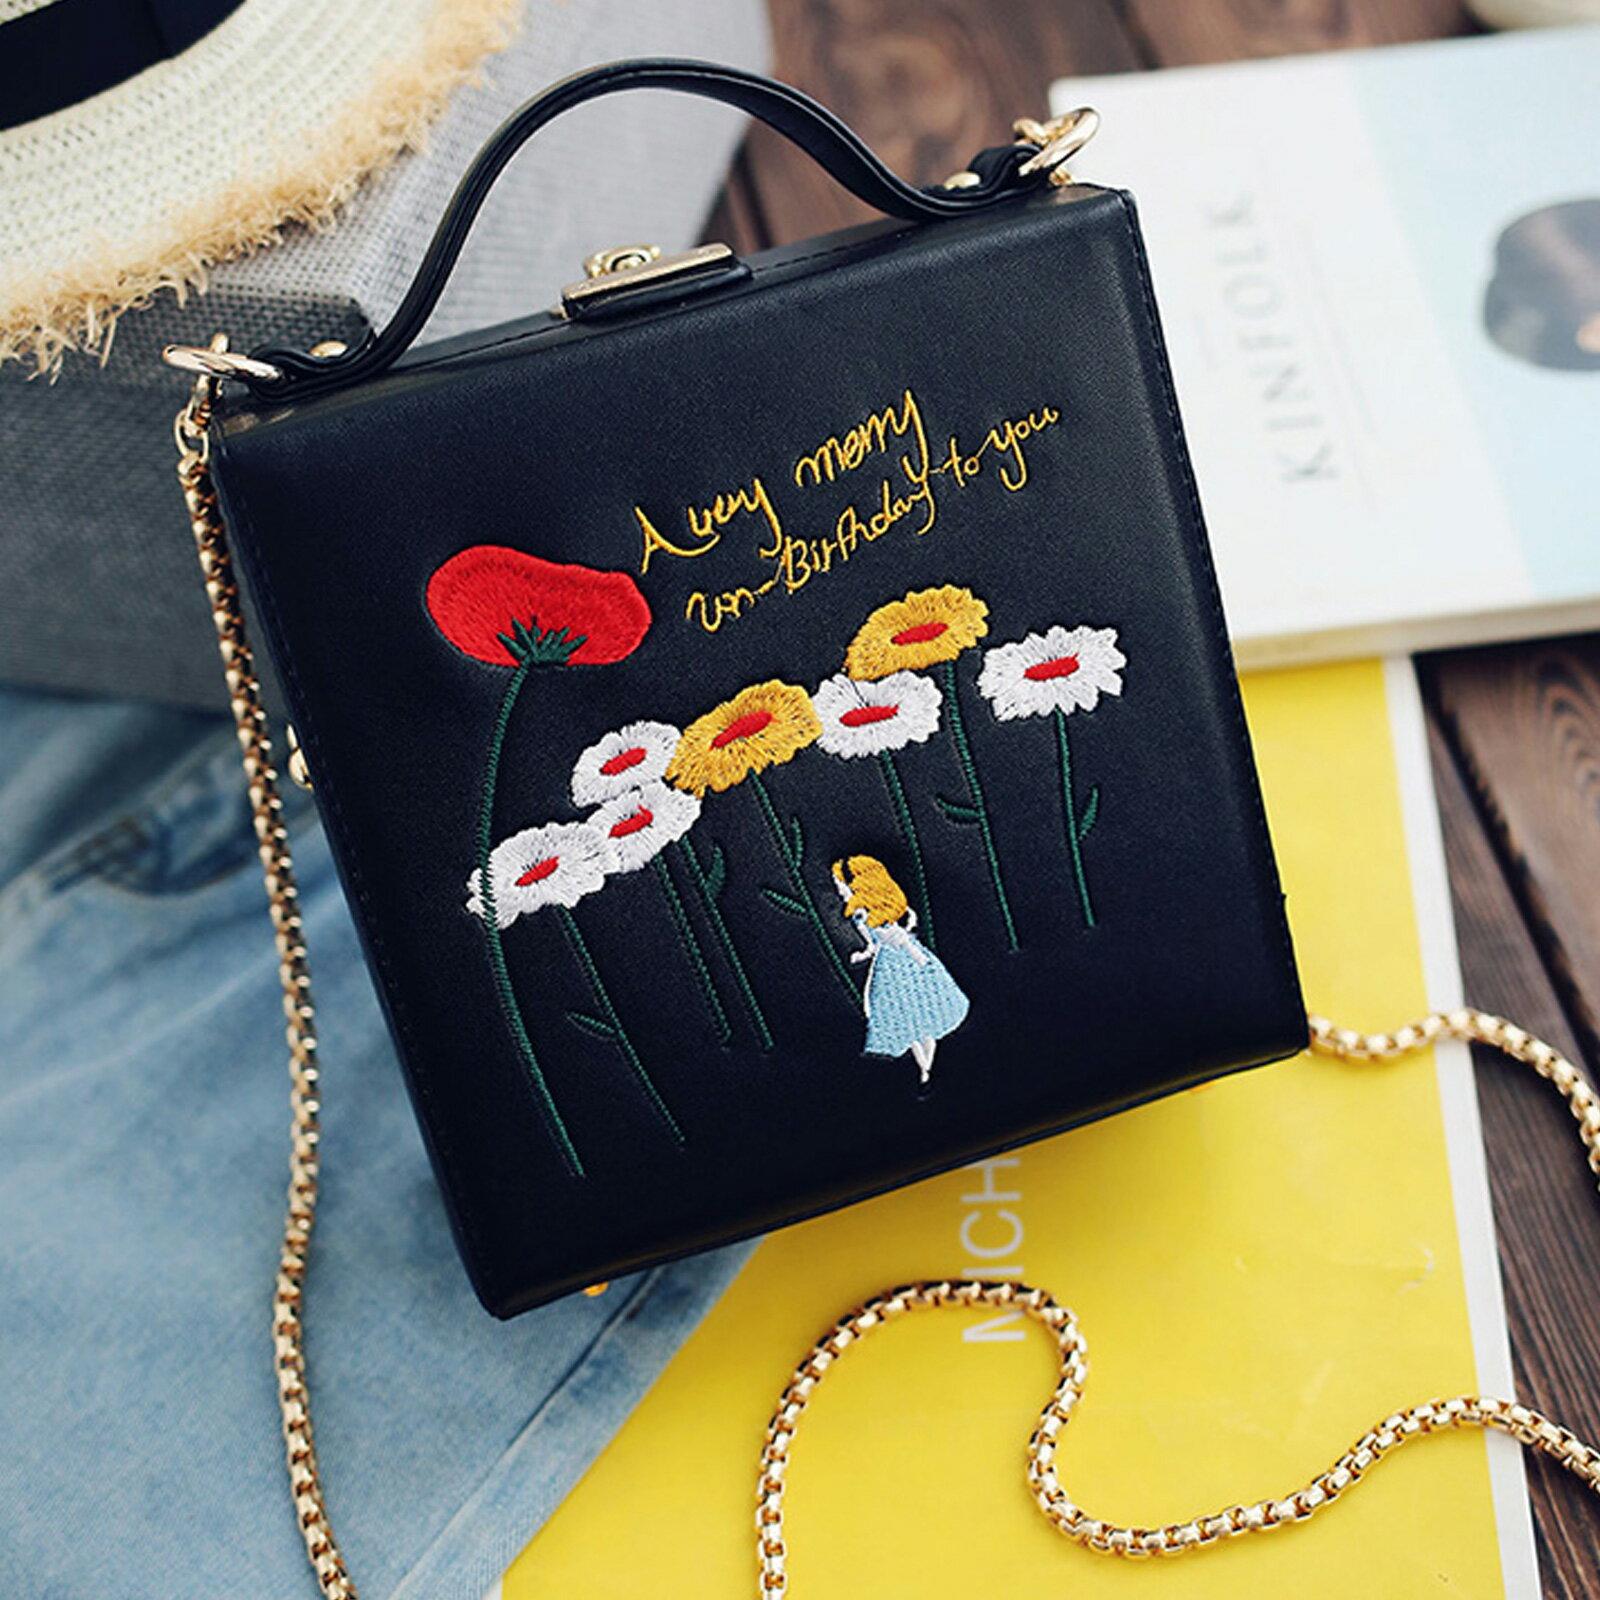 小方包  明星同款時尚童趣箱子側背包【O3172】☆雙兒網☆ 5